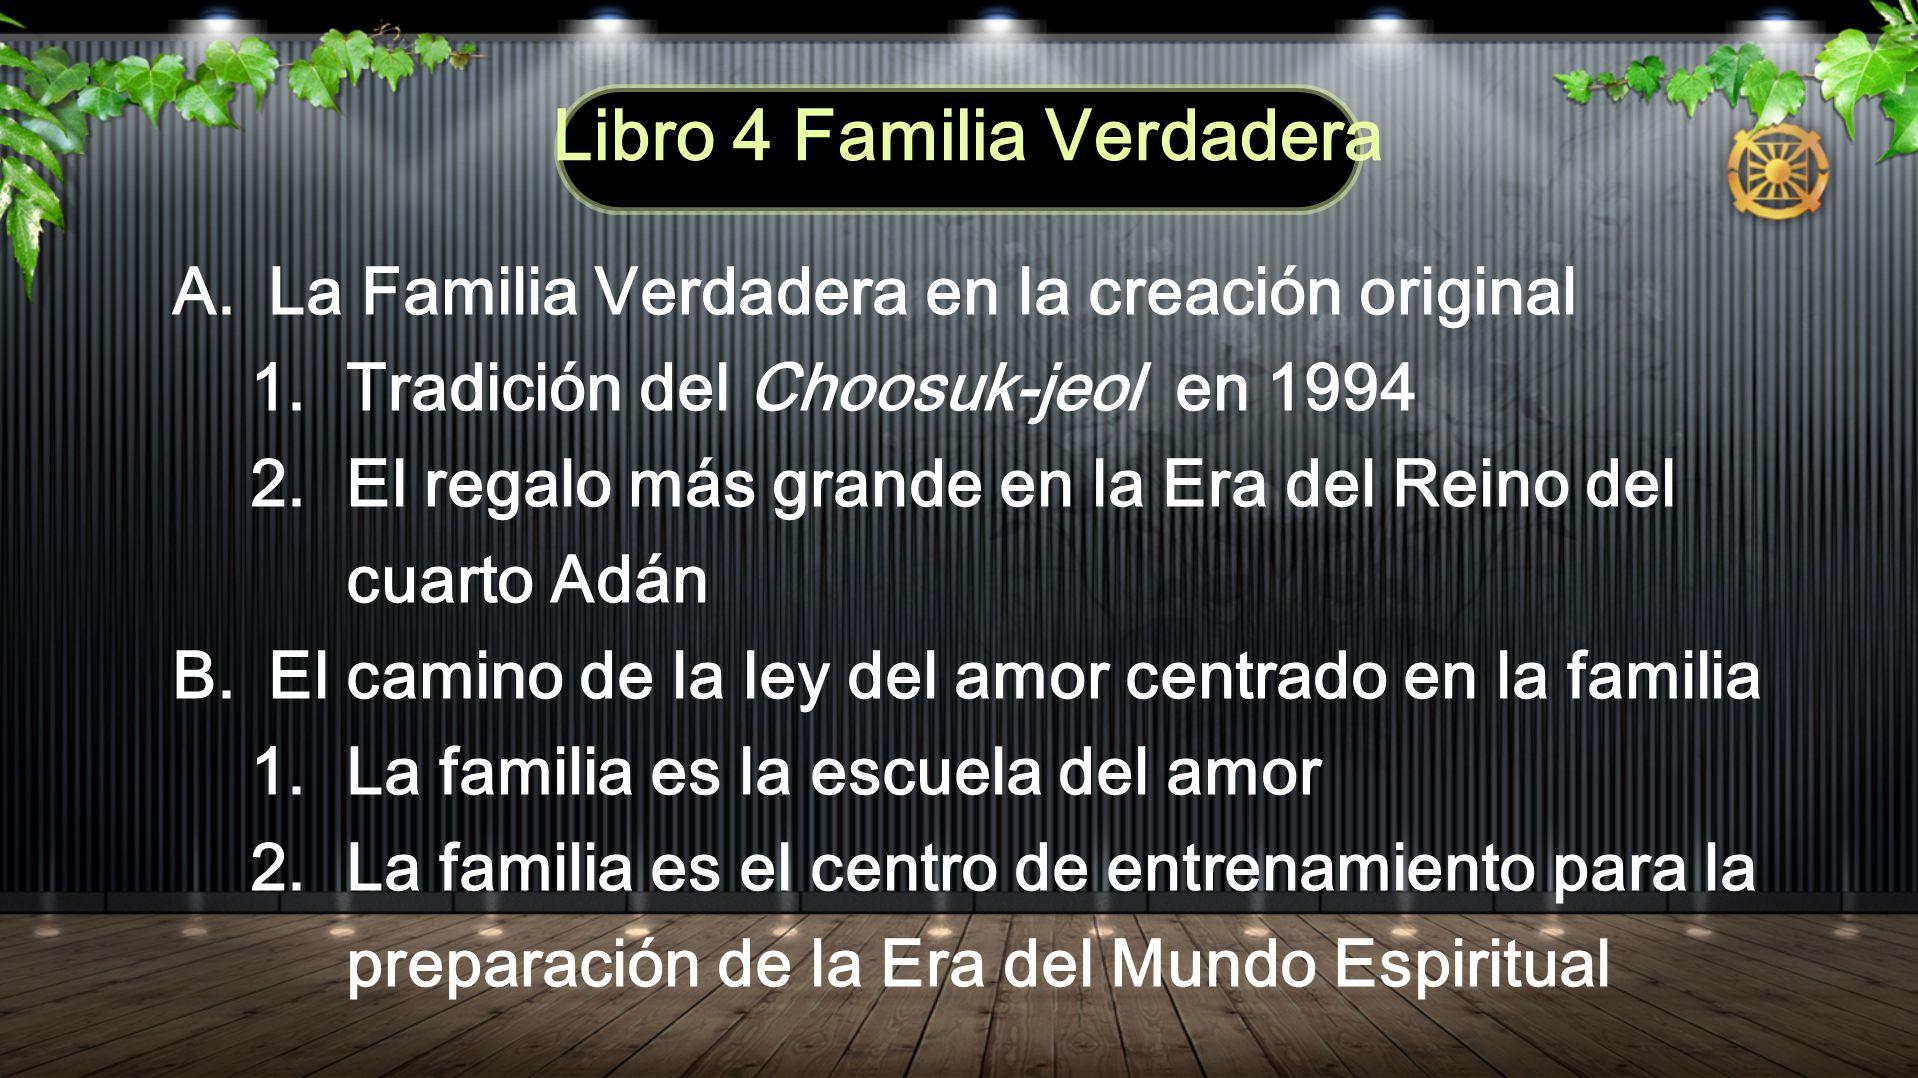 A.La Familia Verdadera en la creación original 1. Tradición del Choosuk-jeol en 1994 2. El regalo más grande en la Era del Reino del cuarto Adán B. El